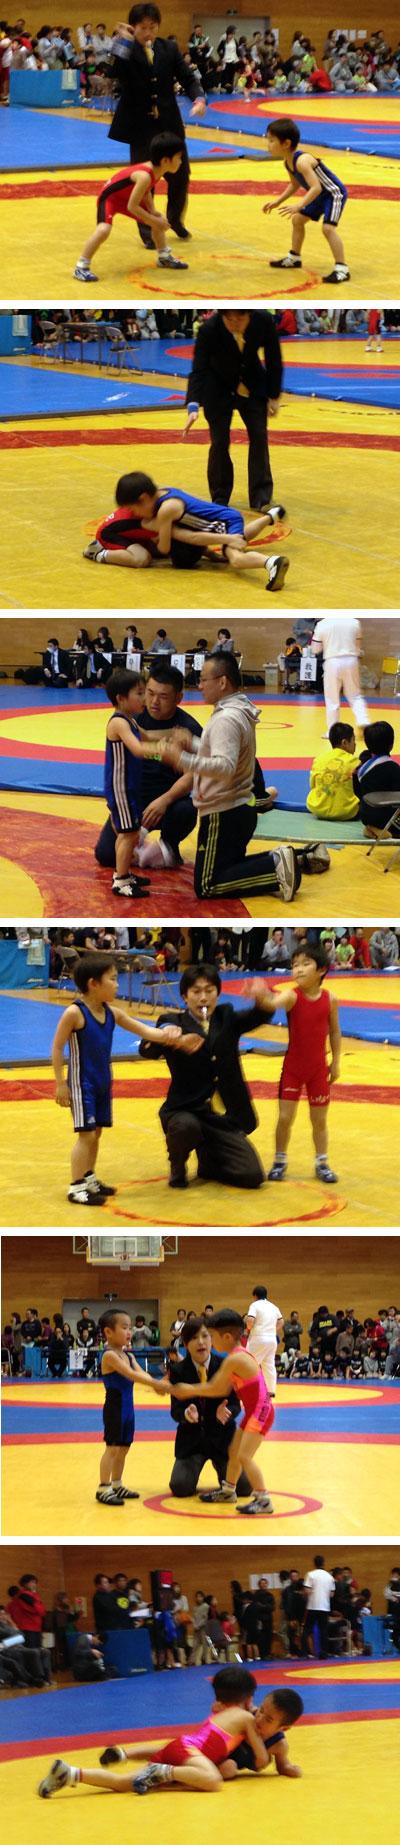 上3枚:長女の長男の試合。下2枚:長女の二男の試合スナップ。